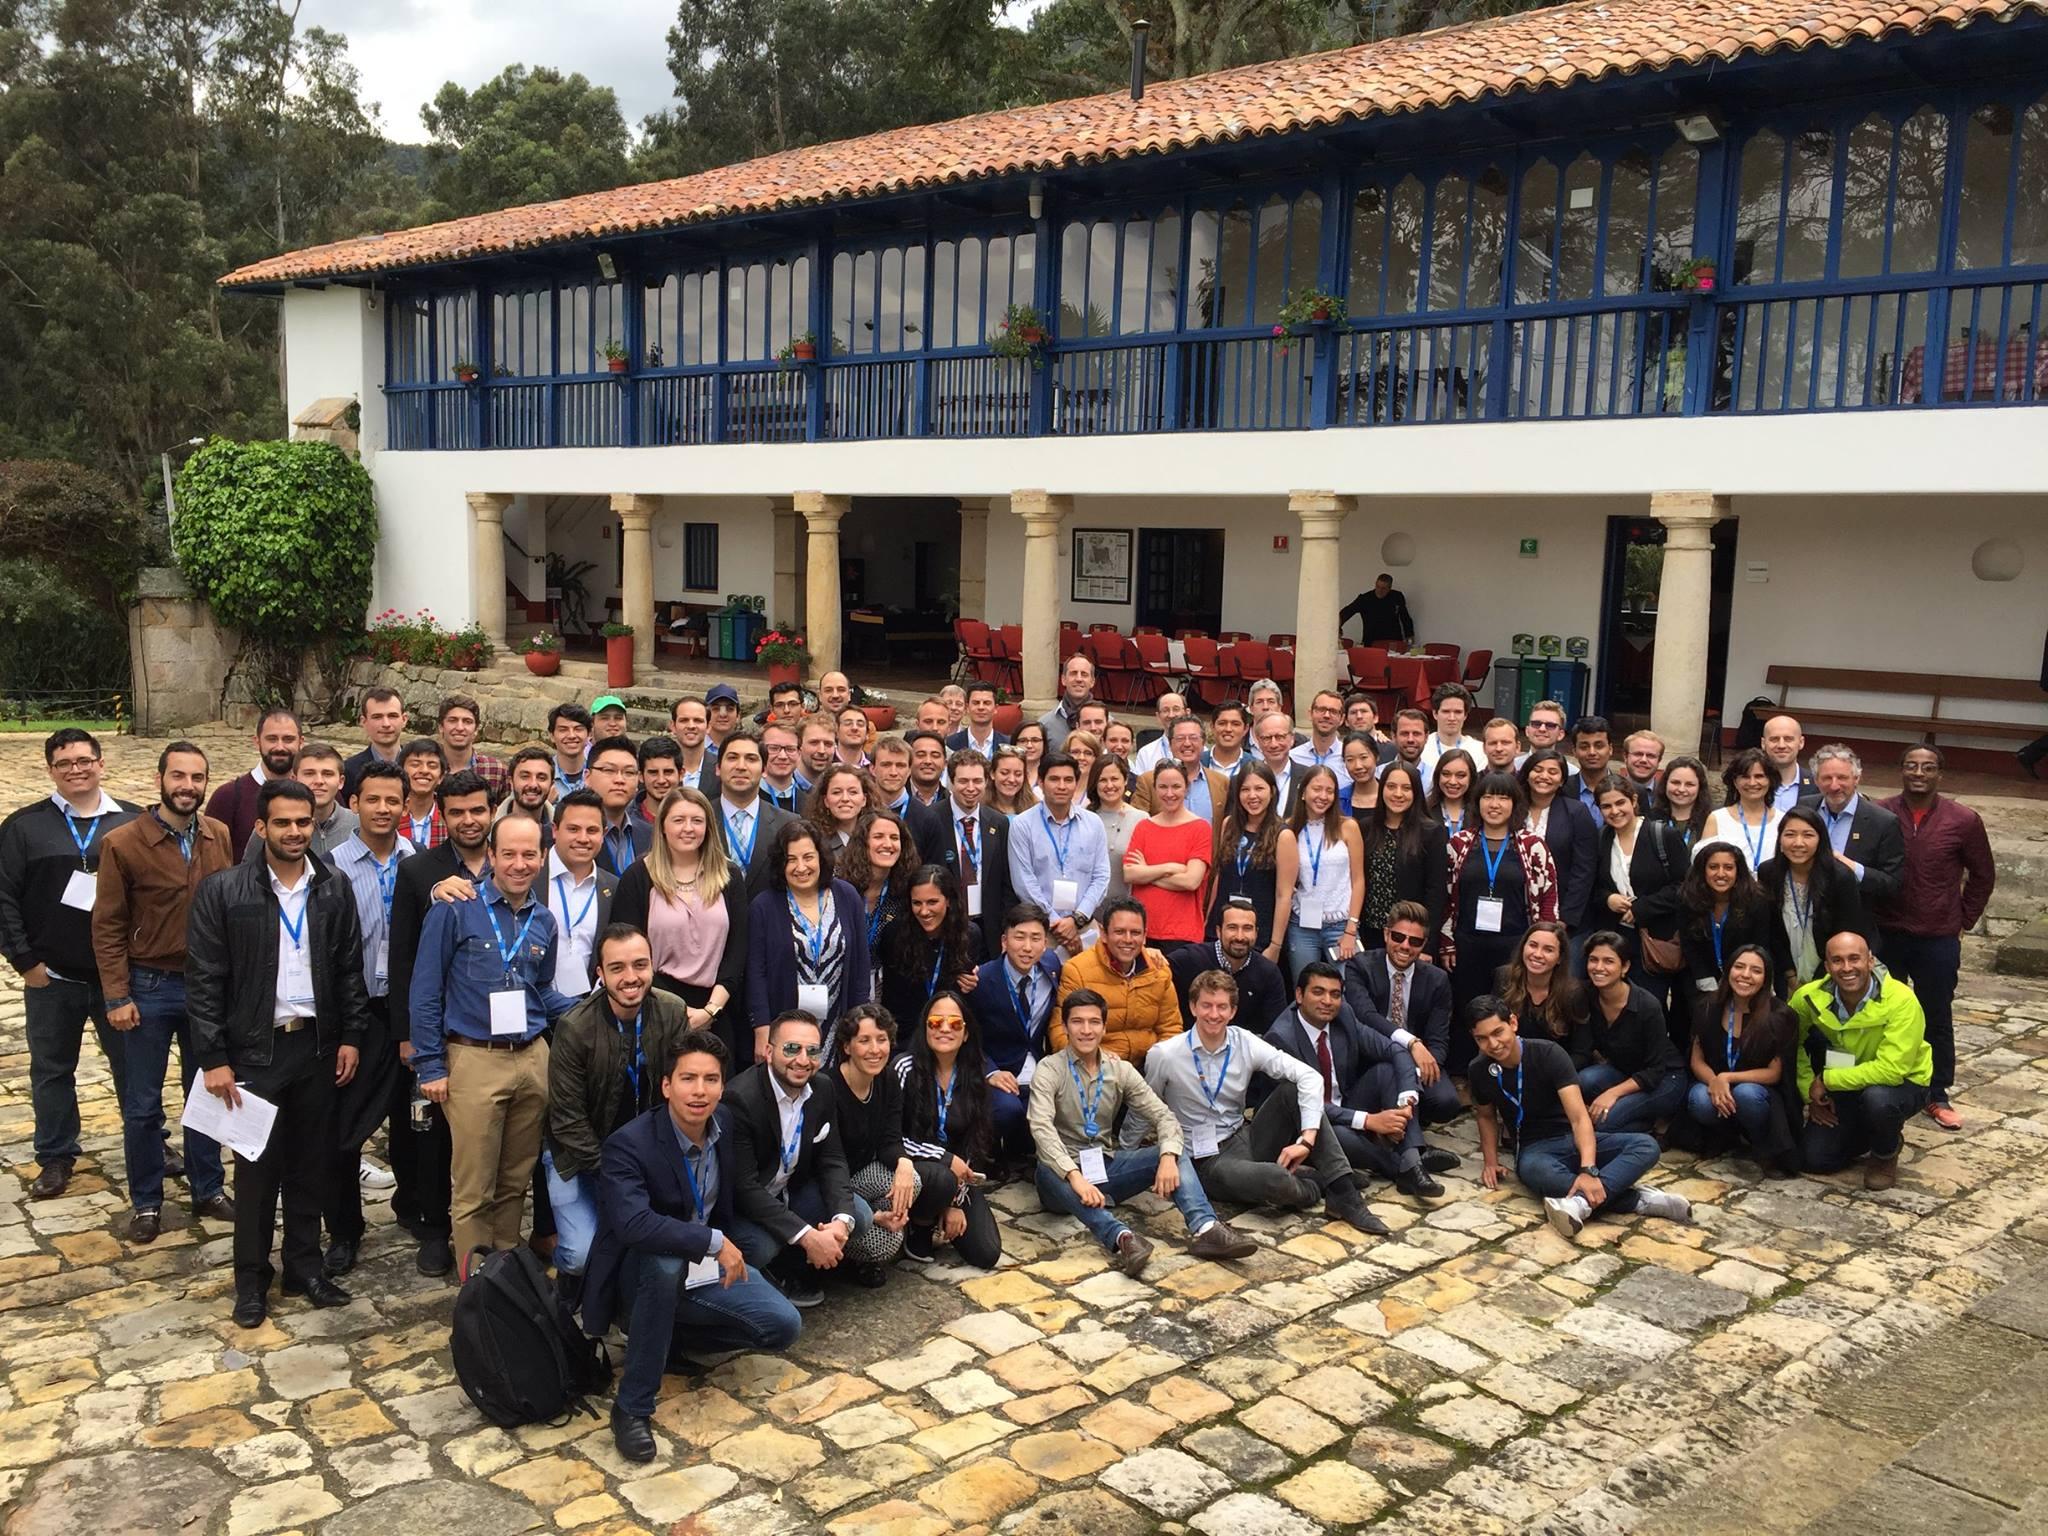 Participantes del Negotiation Challenge 2017 se reúnen en Bogotá, Colombia